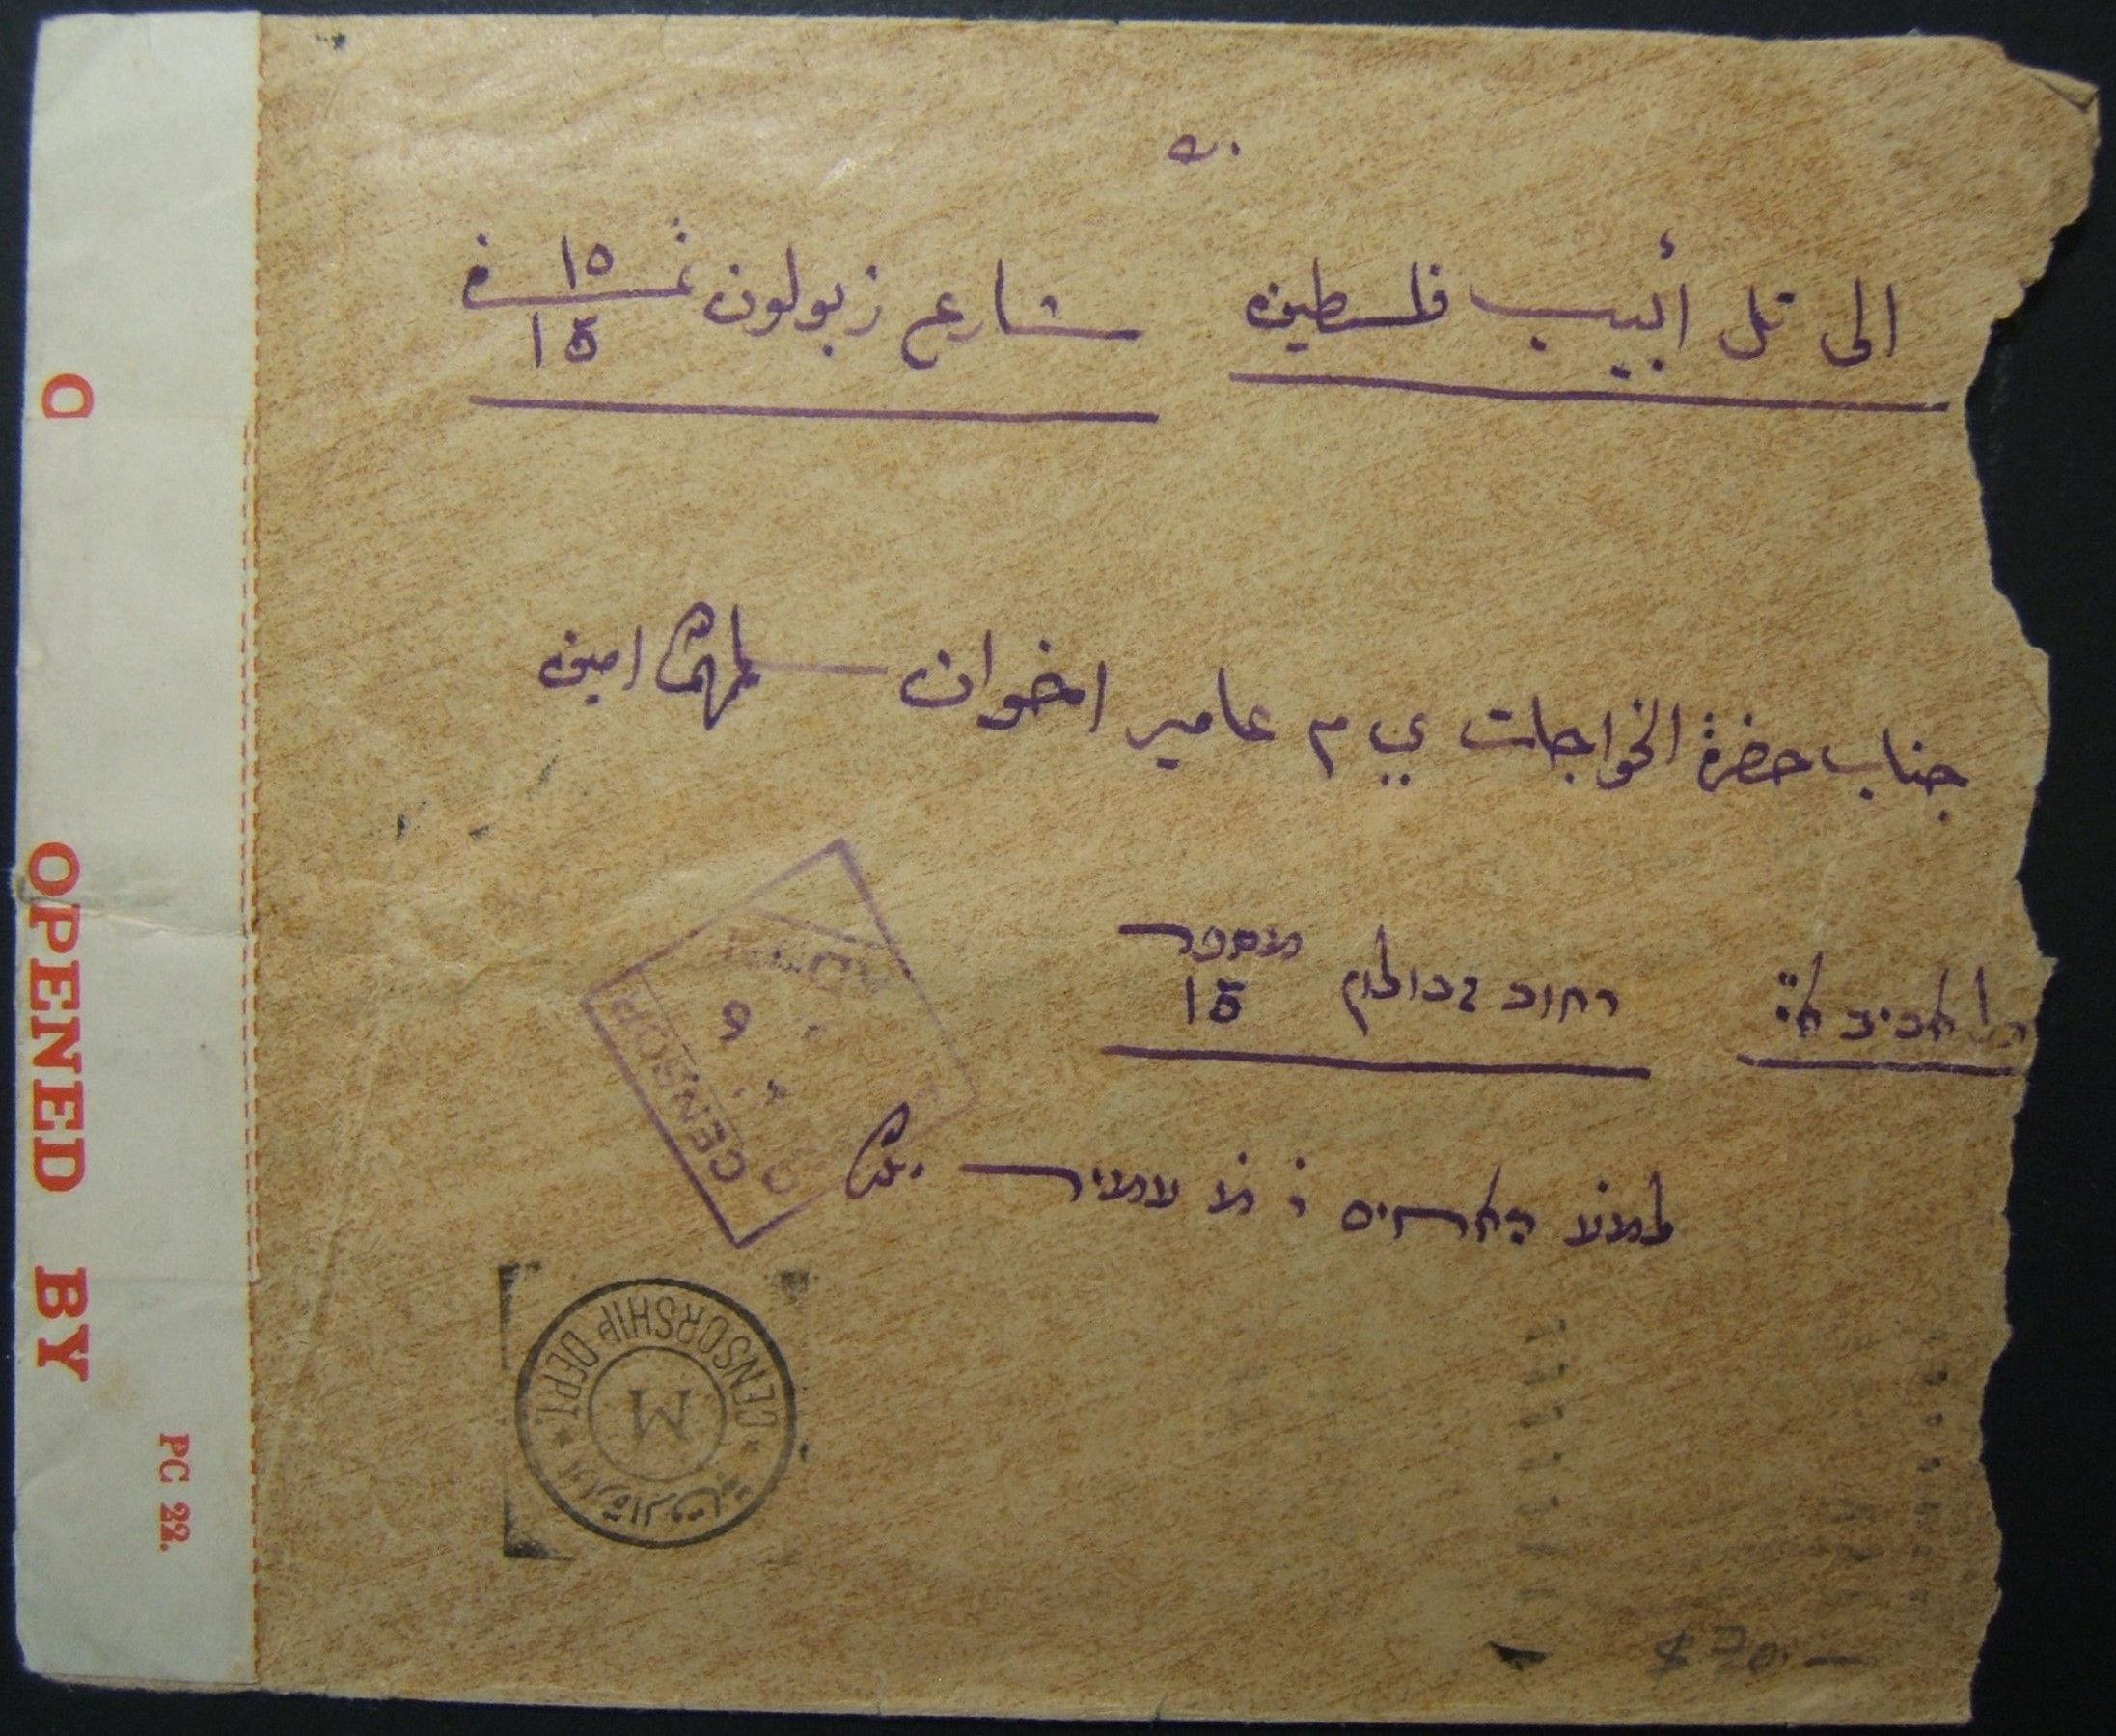 3/1941 dreimal zensierte jüdische Post aus dem Zweiten Weltkrieg von YEMEN an TEL AVIV über CAIRO & HAIFA